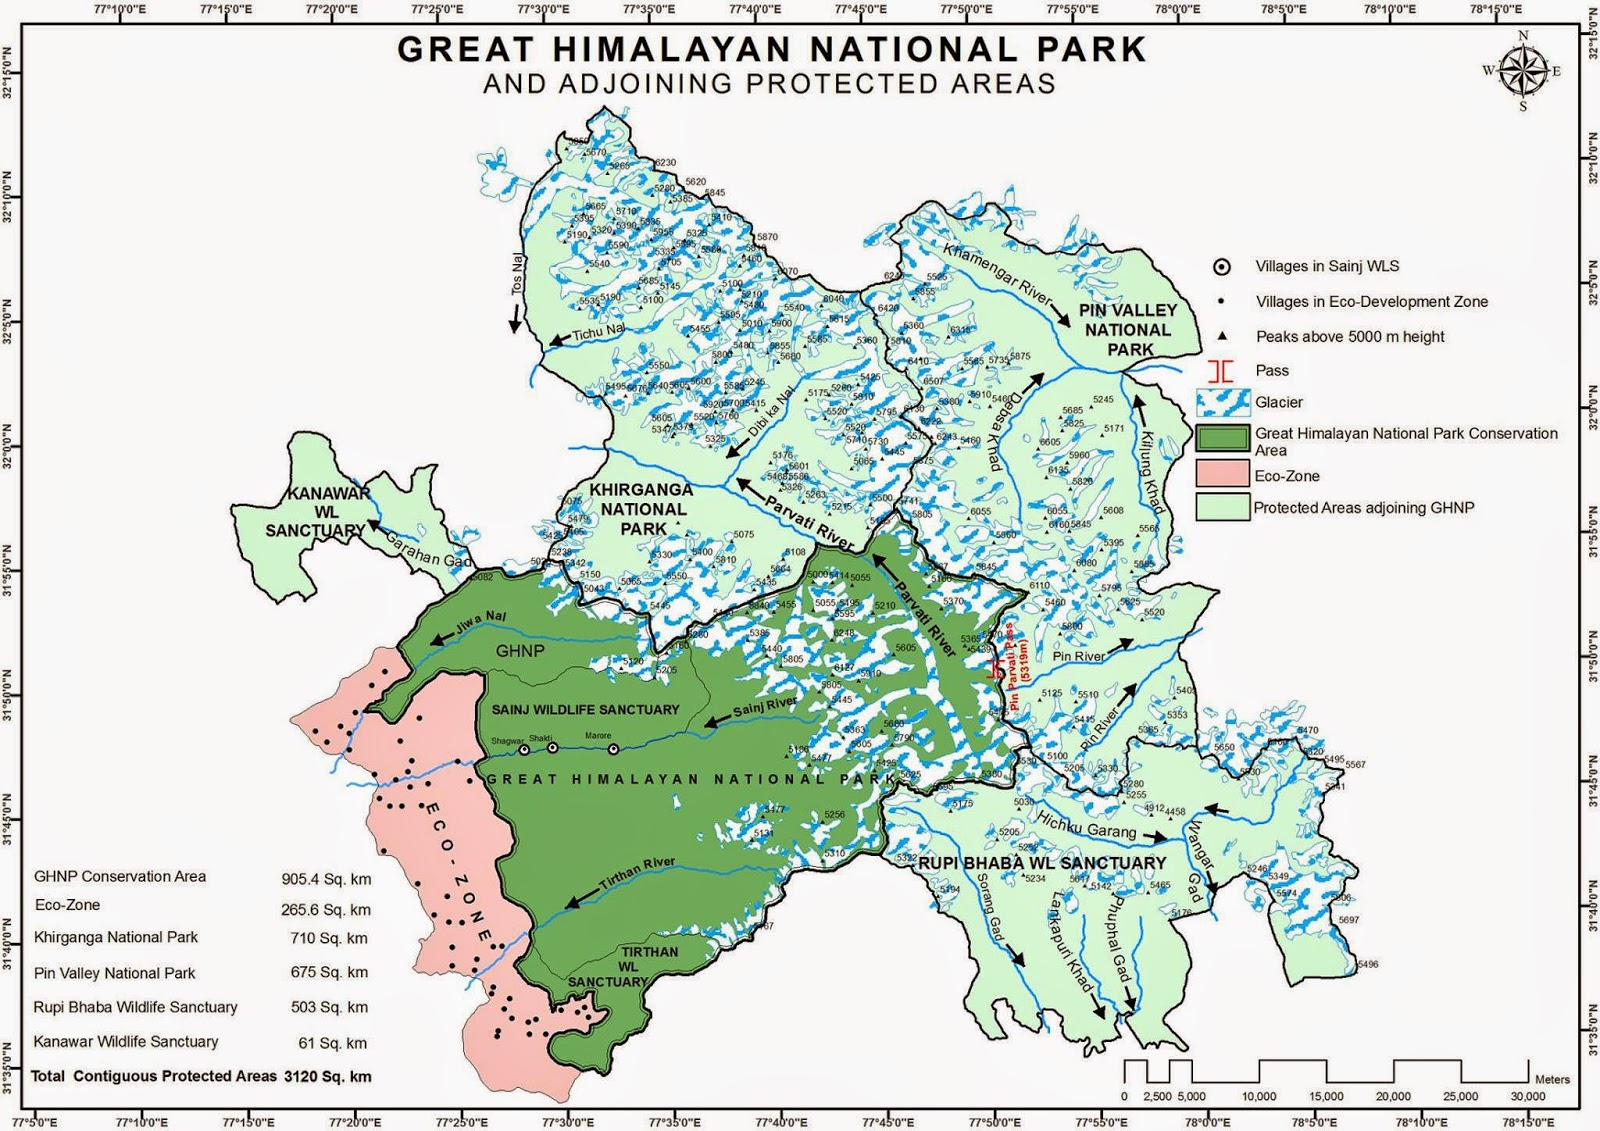 Great Himalayan National Park.